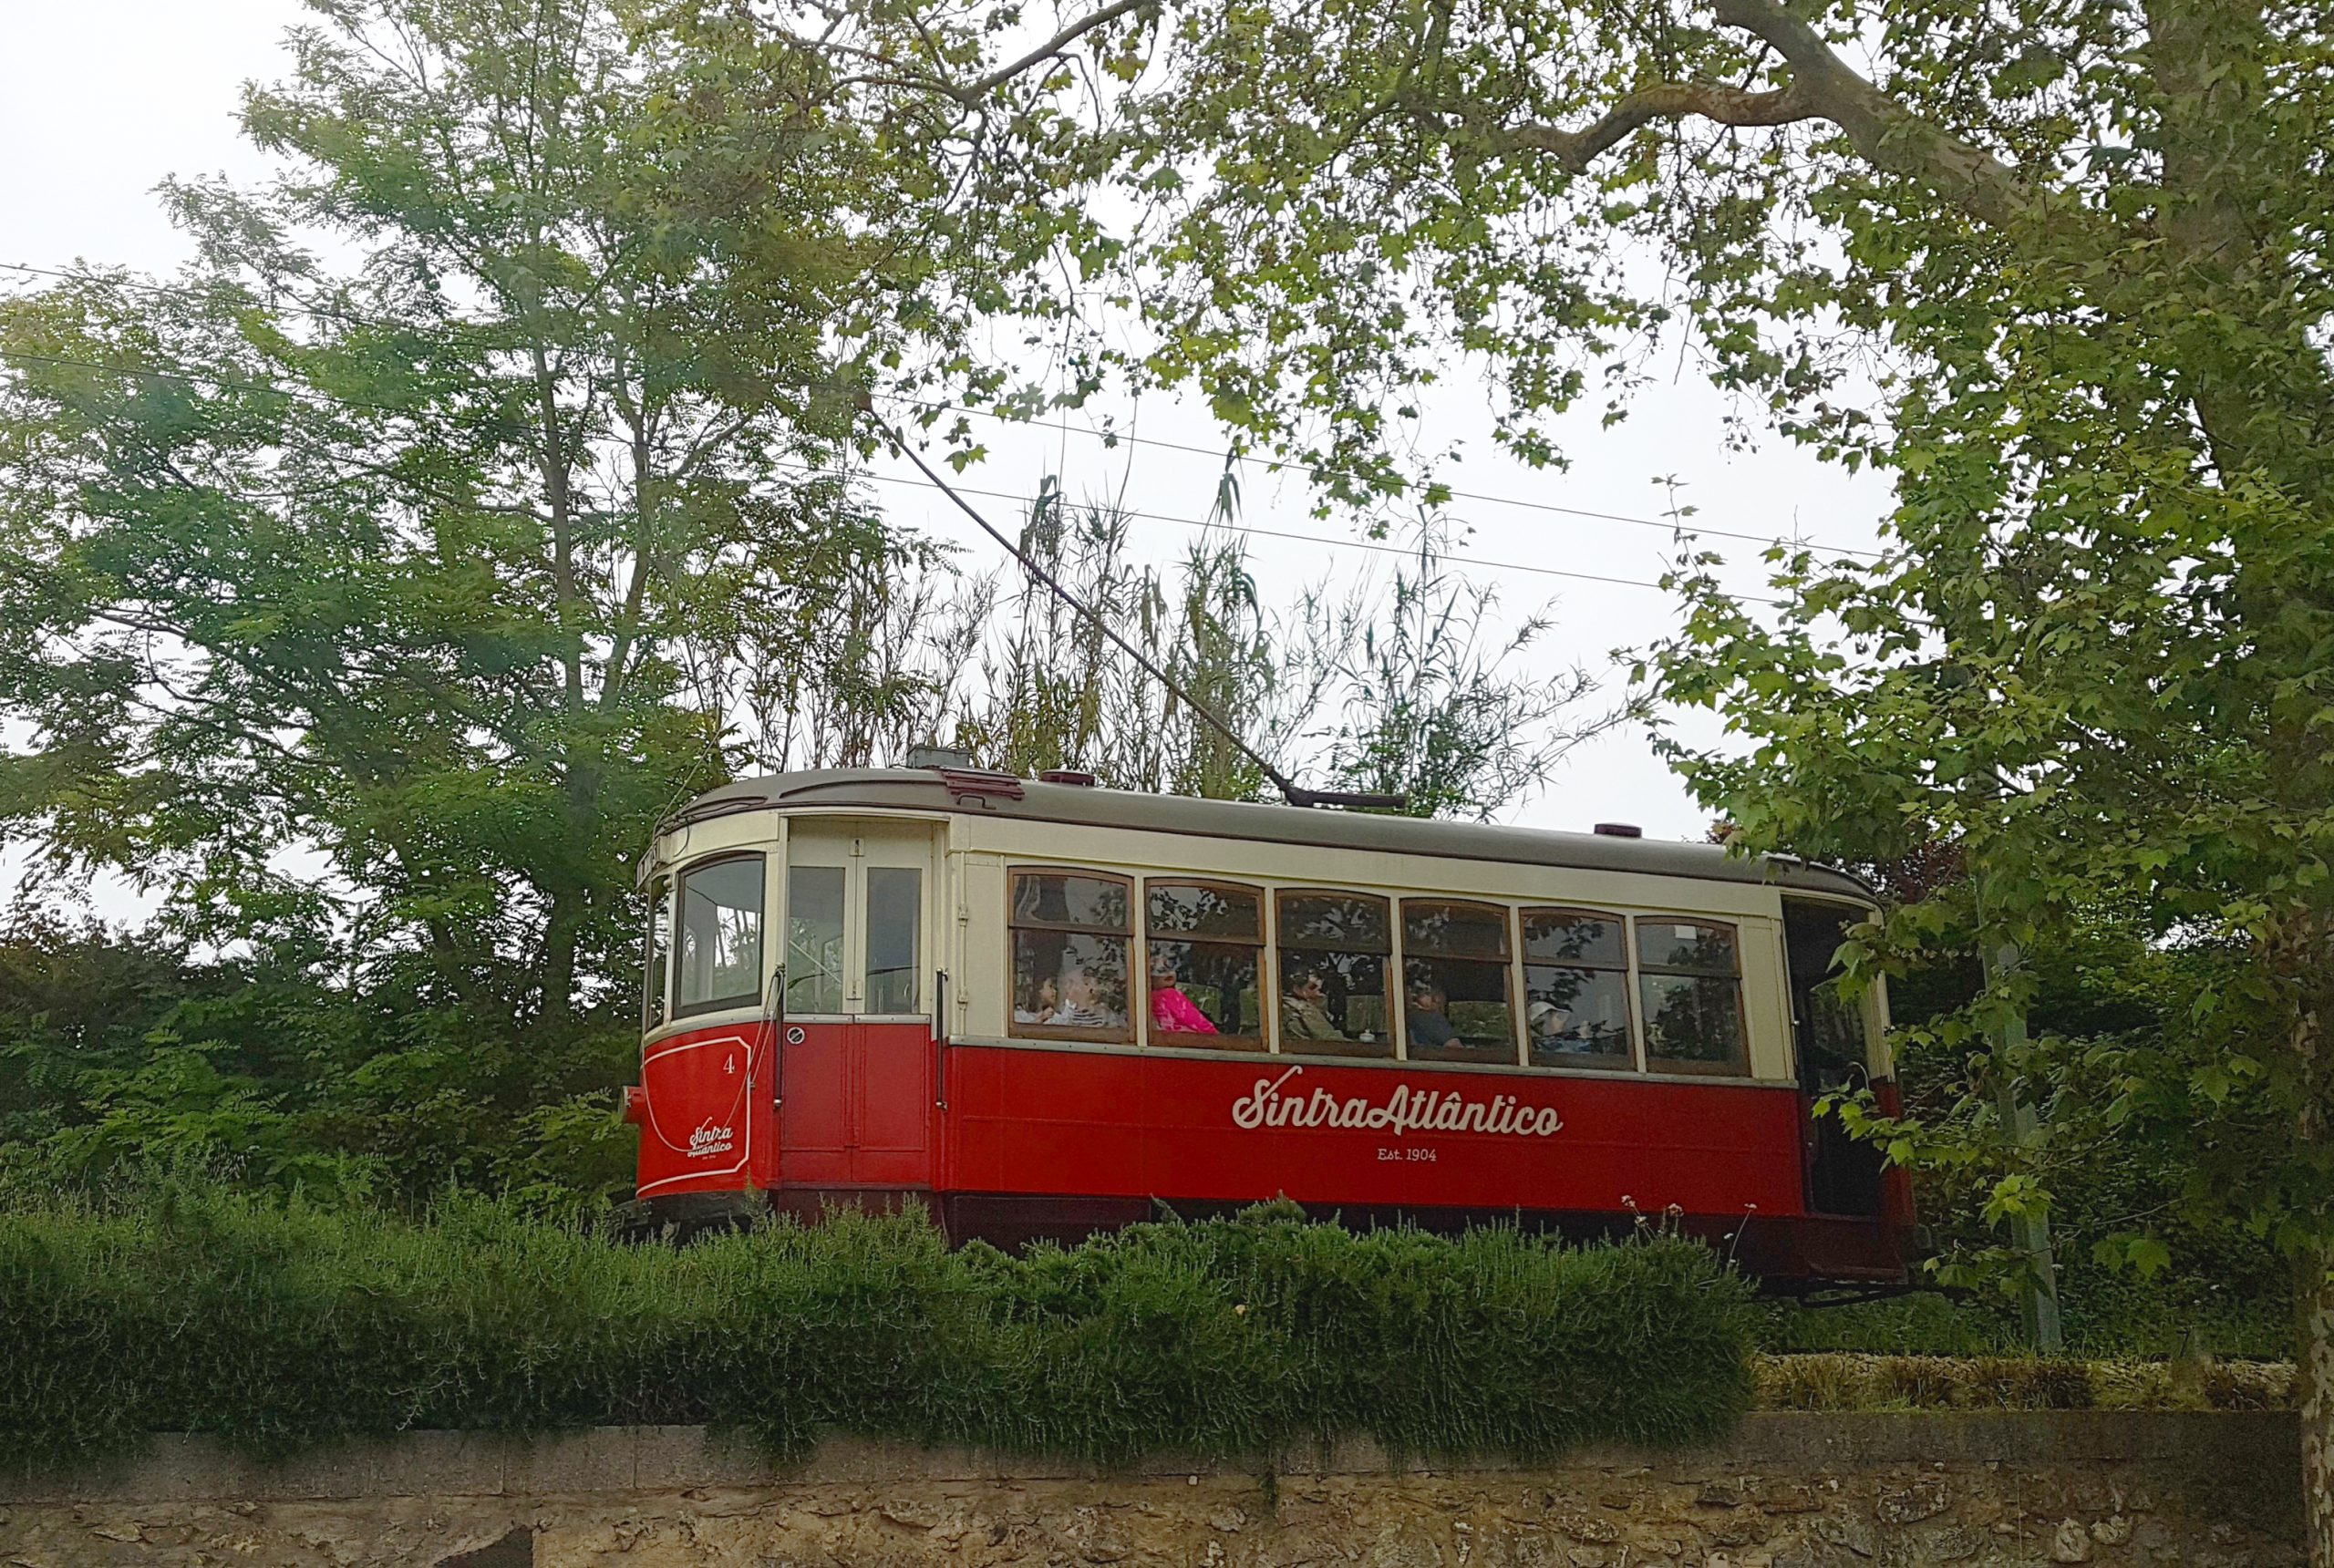 Elétrico de Sintra comemora 112 anos